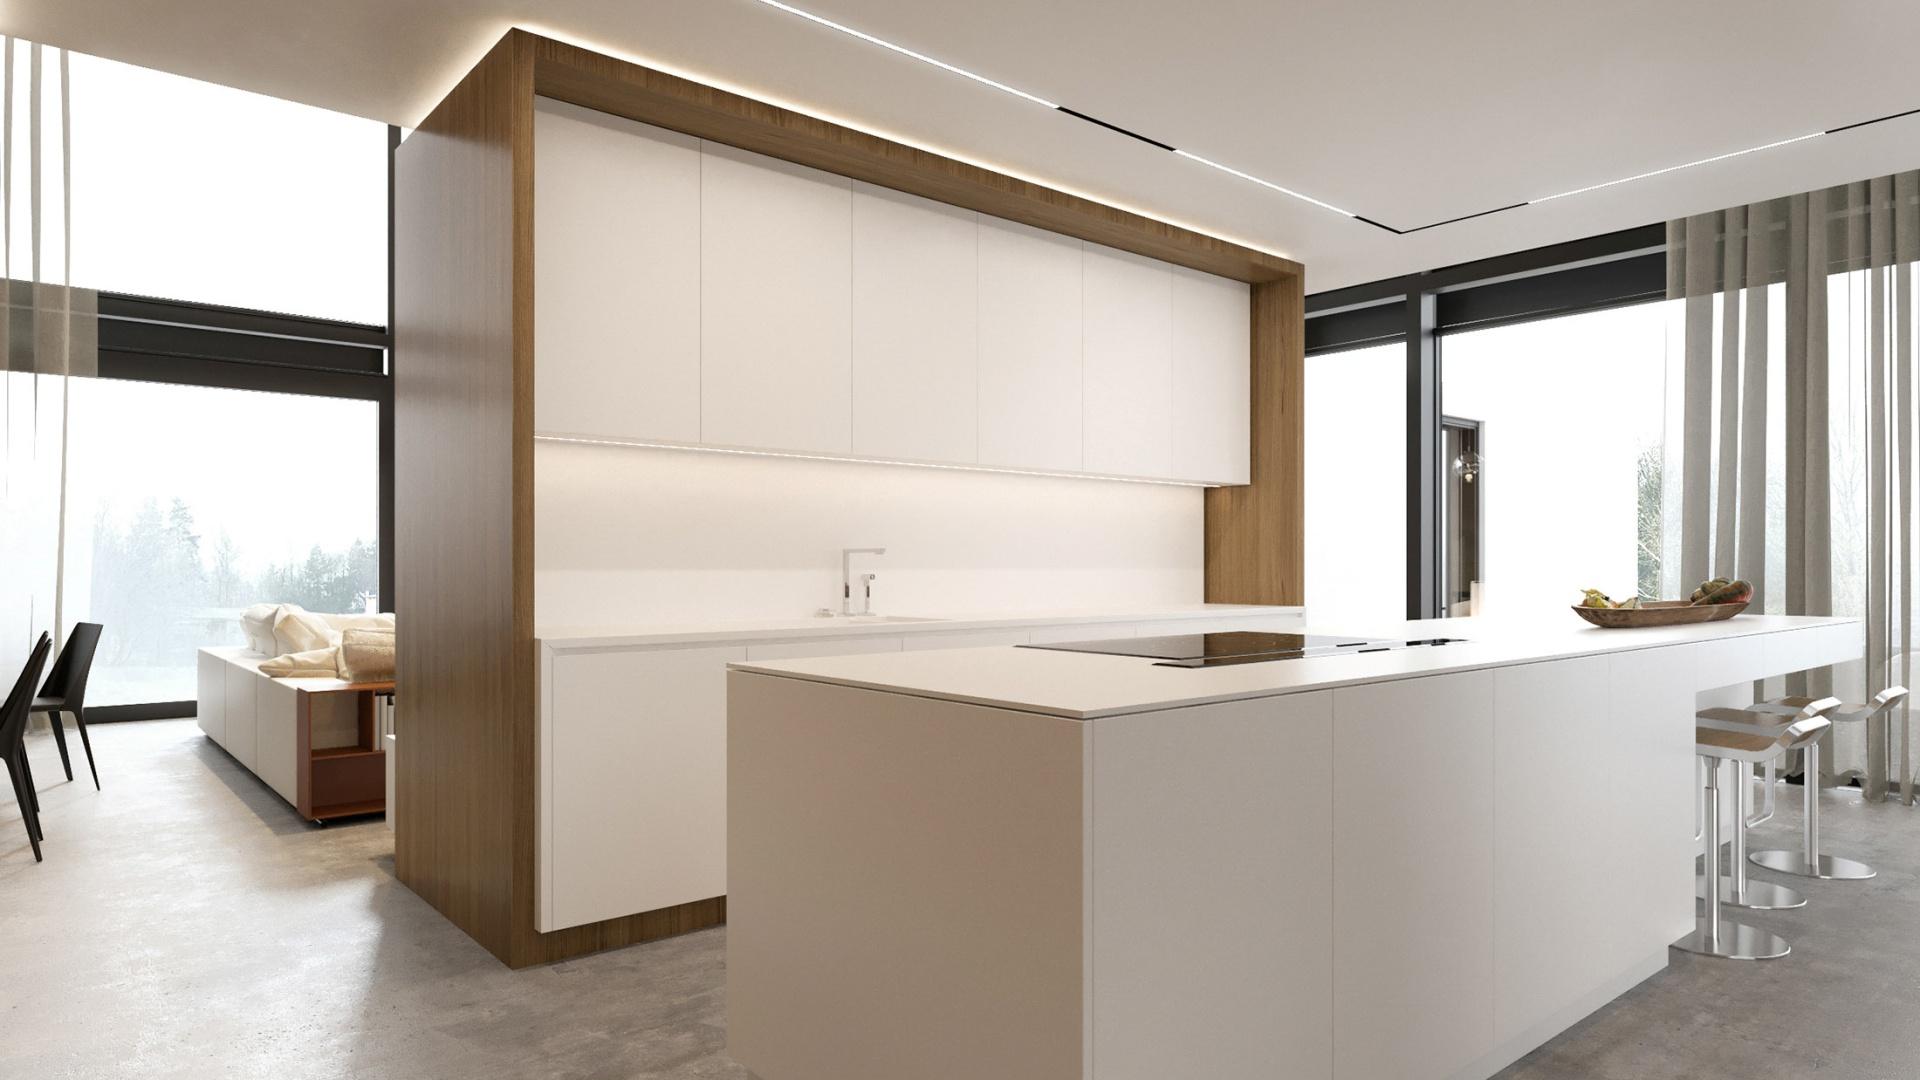 Projekt wnętrz RE: HOUSE IN PIOTRKÓW projektu architekta Marcina Tomaszewskiego REFORM Architekt